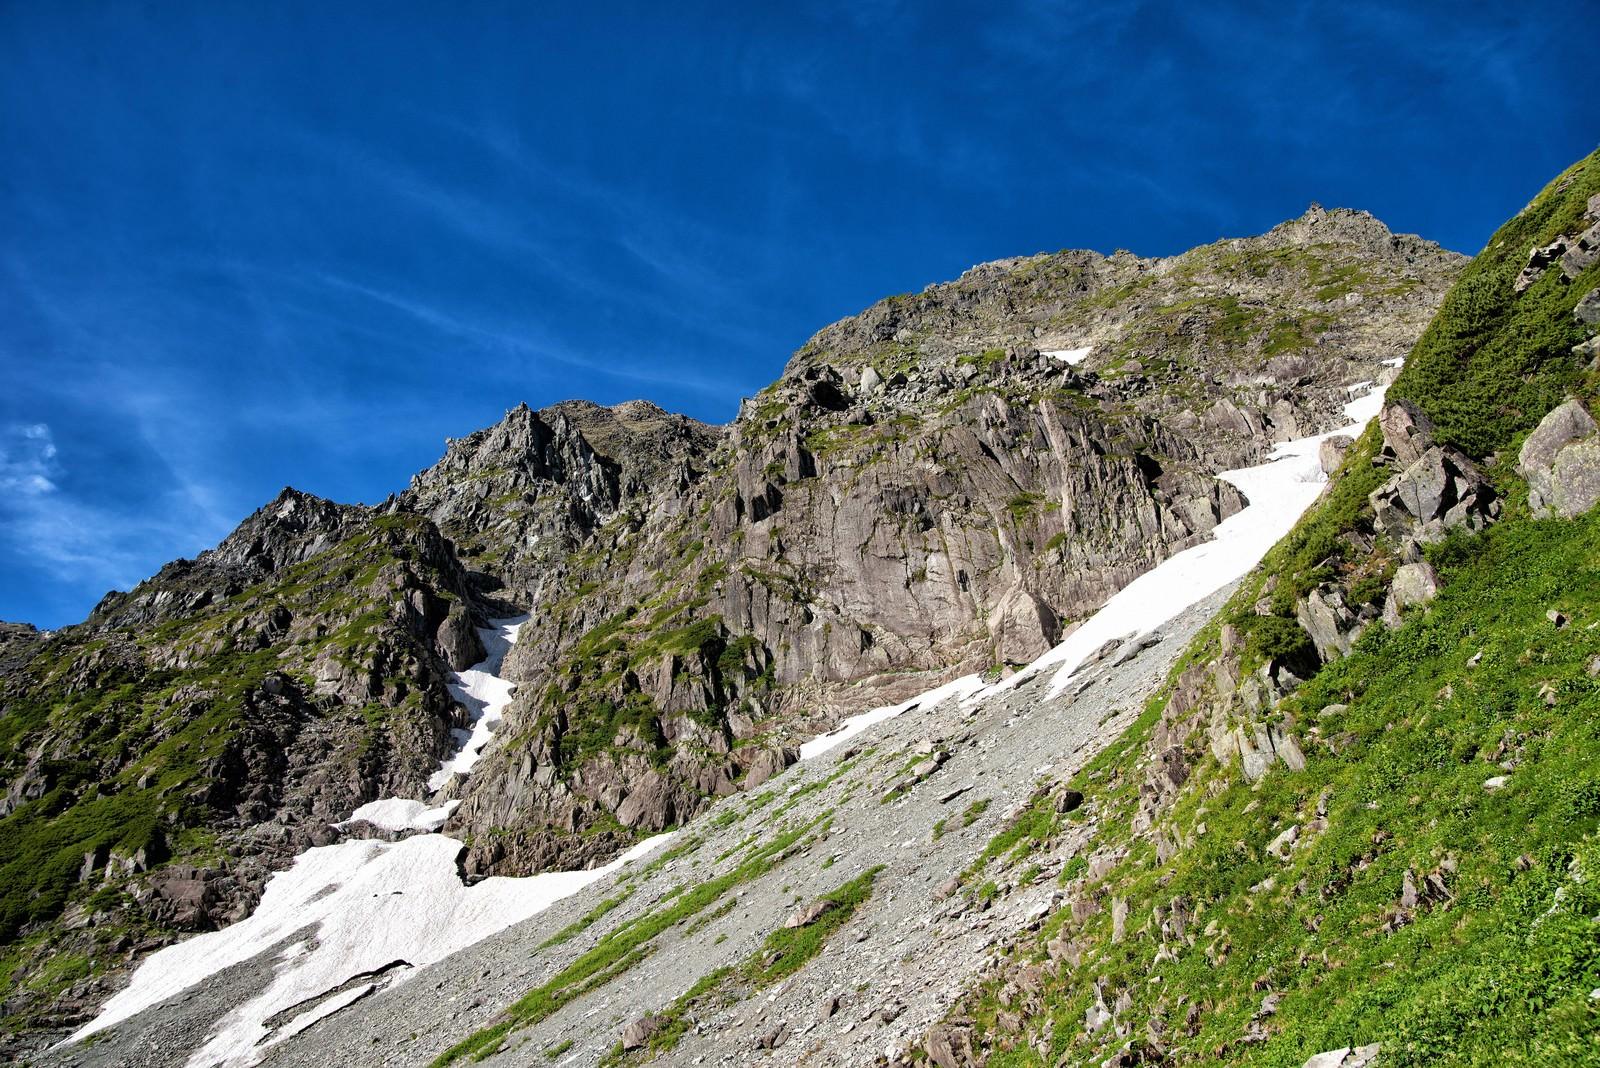 「奥穂高岳の岩壁」の写真